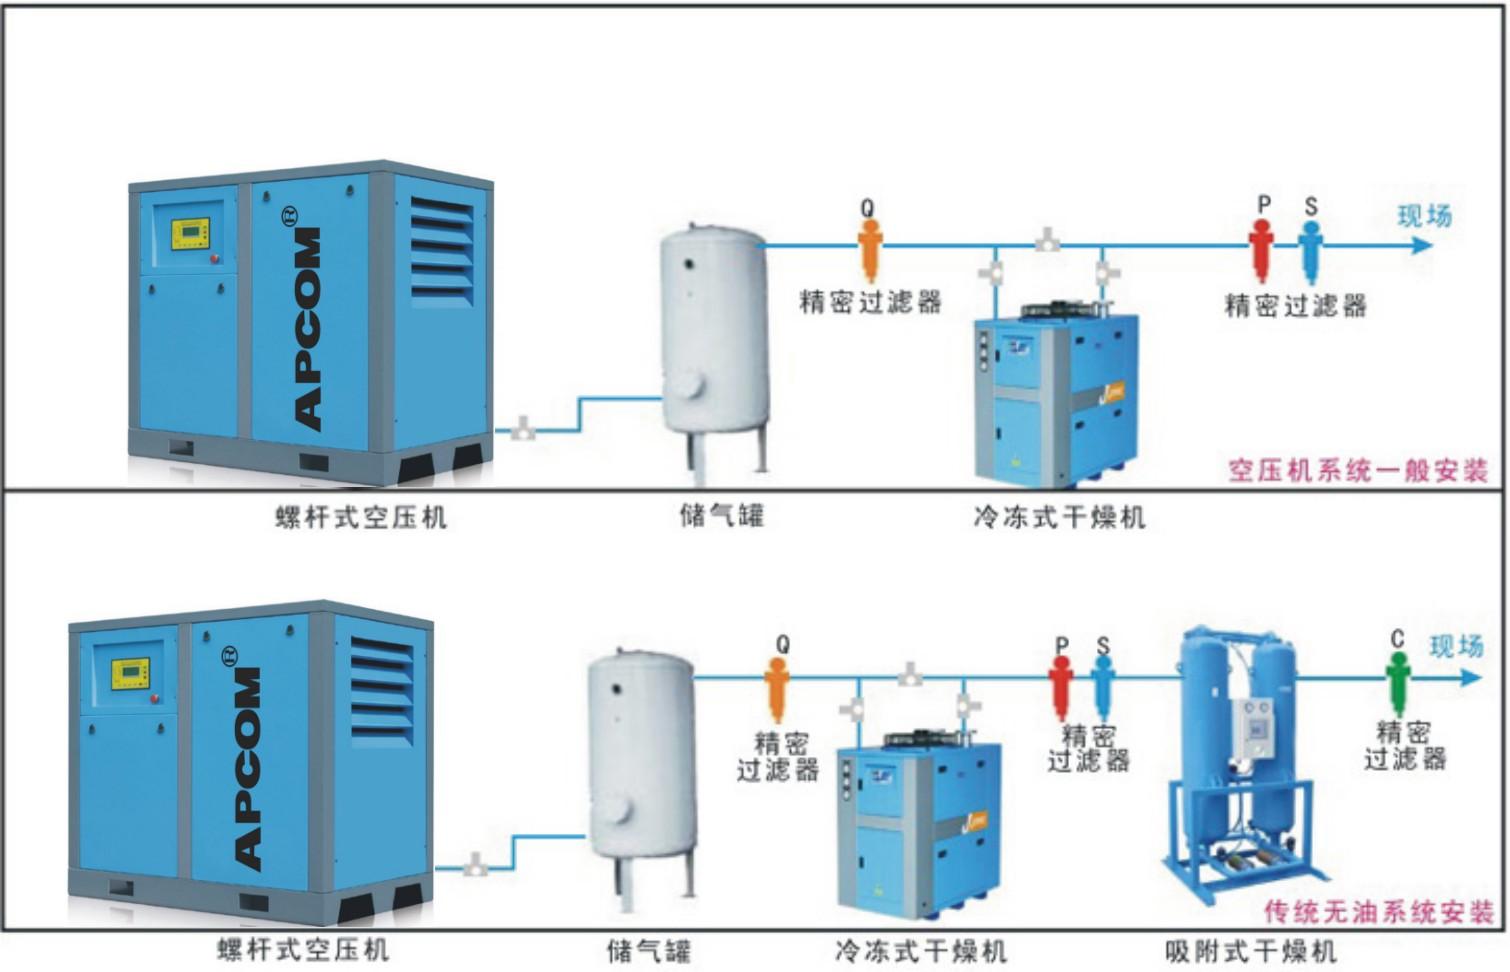 螺杆式空压机系统一般配置图.jpg